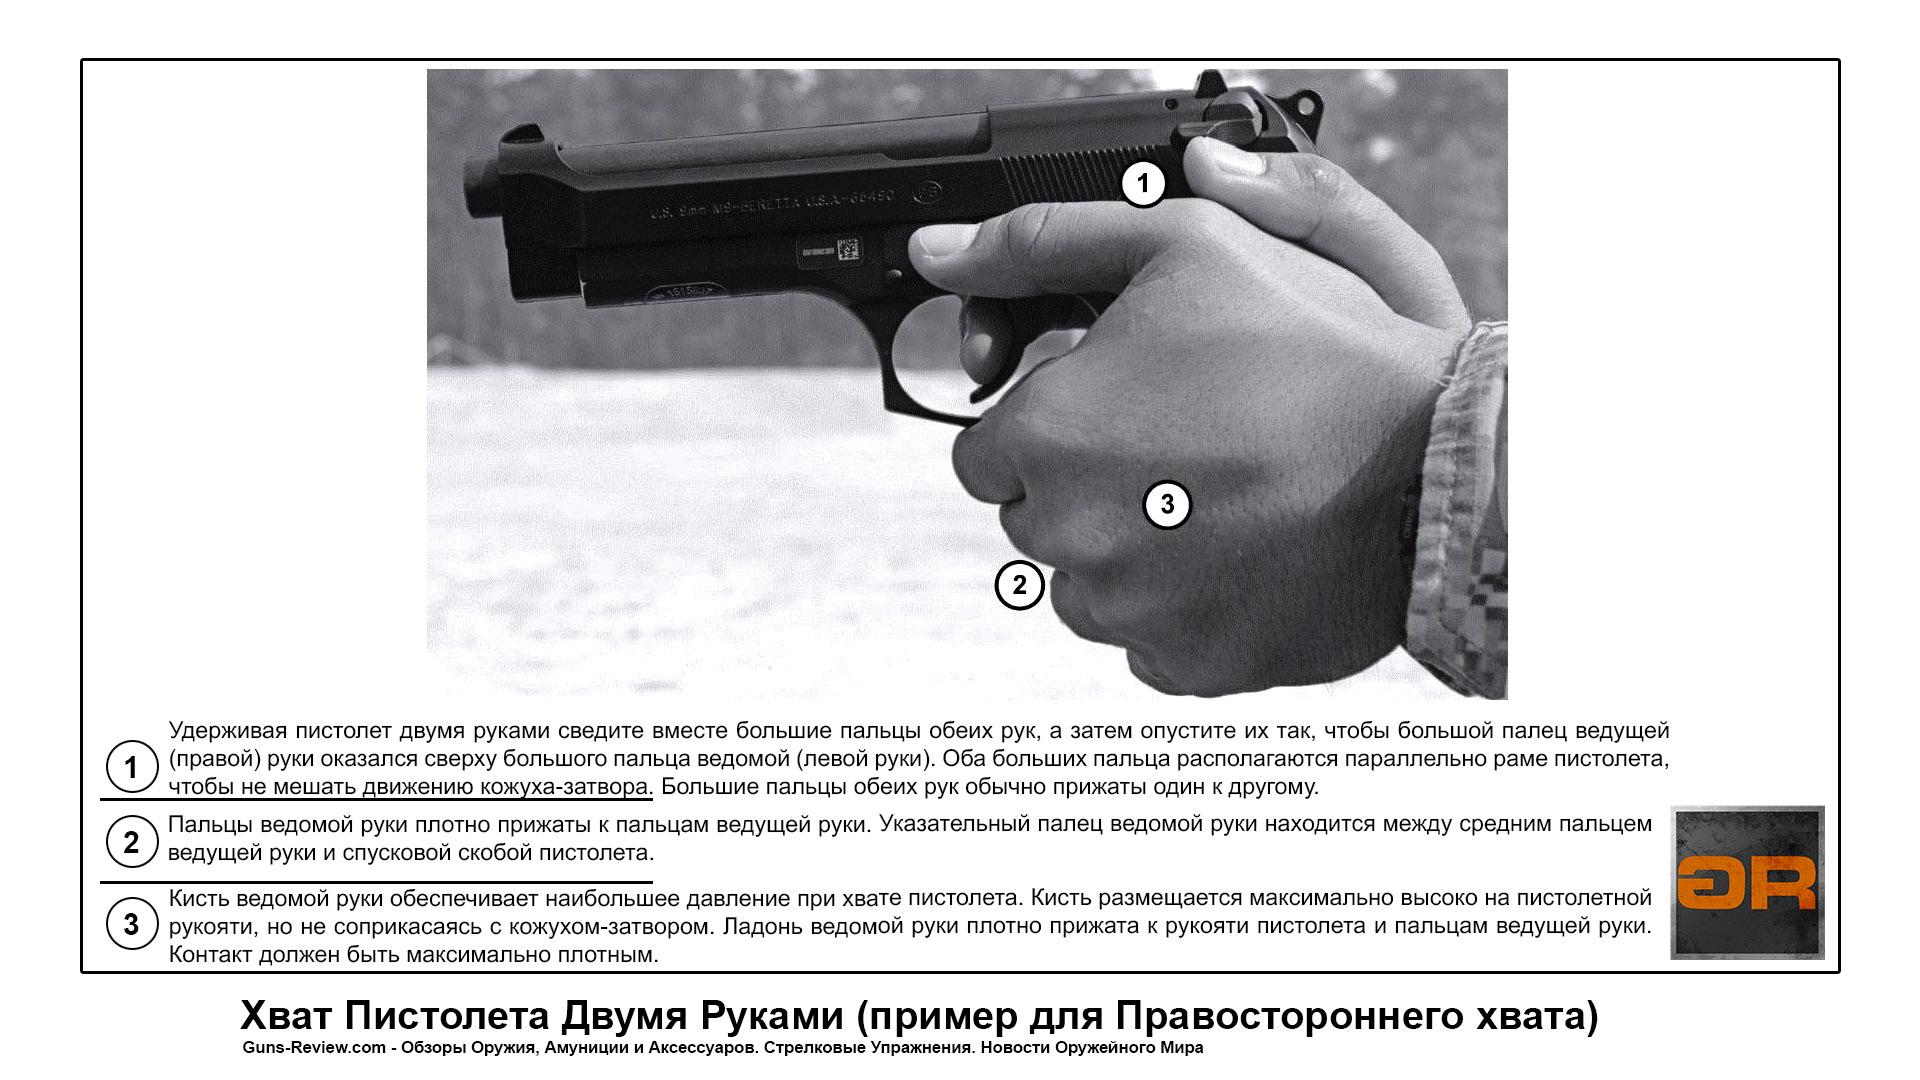 Выполнение Хвата Пистолета Двумя Руками (пример для правостороннего хвата) / US ARMY Pistol, 2017. Перевод и адаптация Guns-Review.com